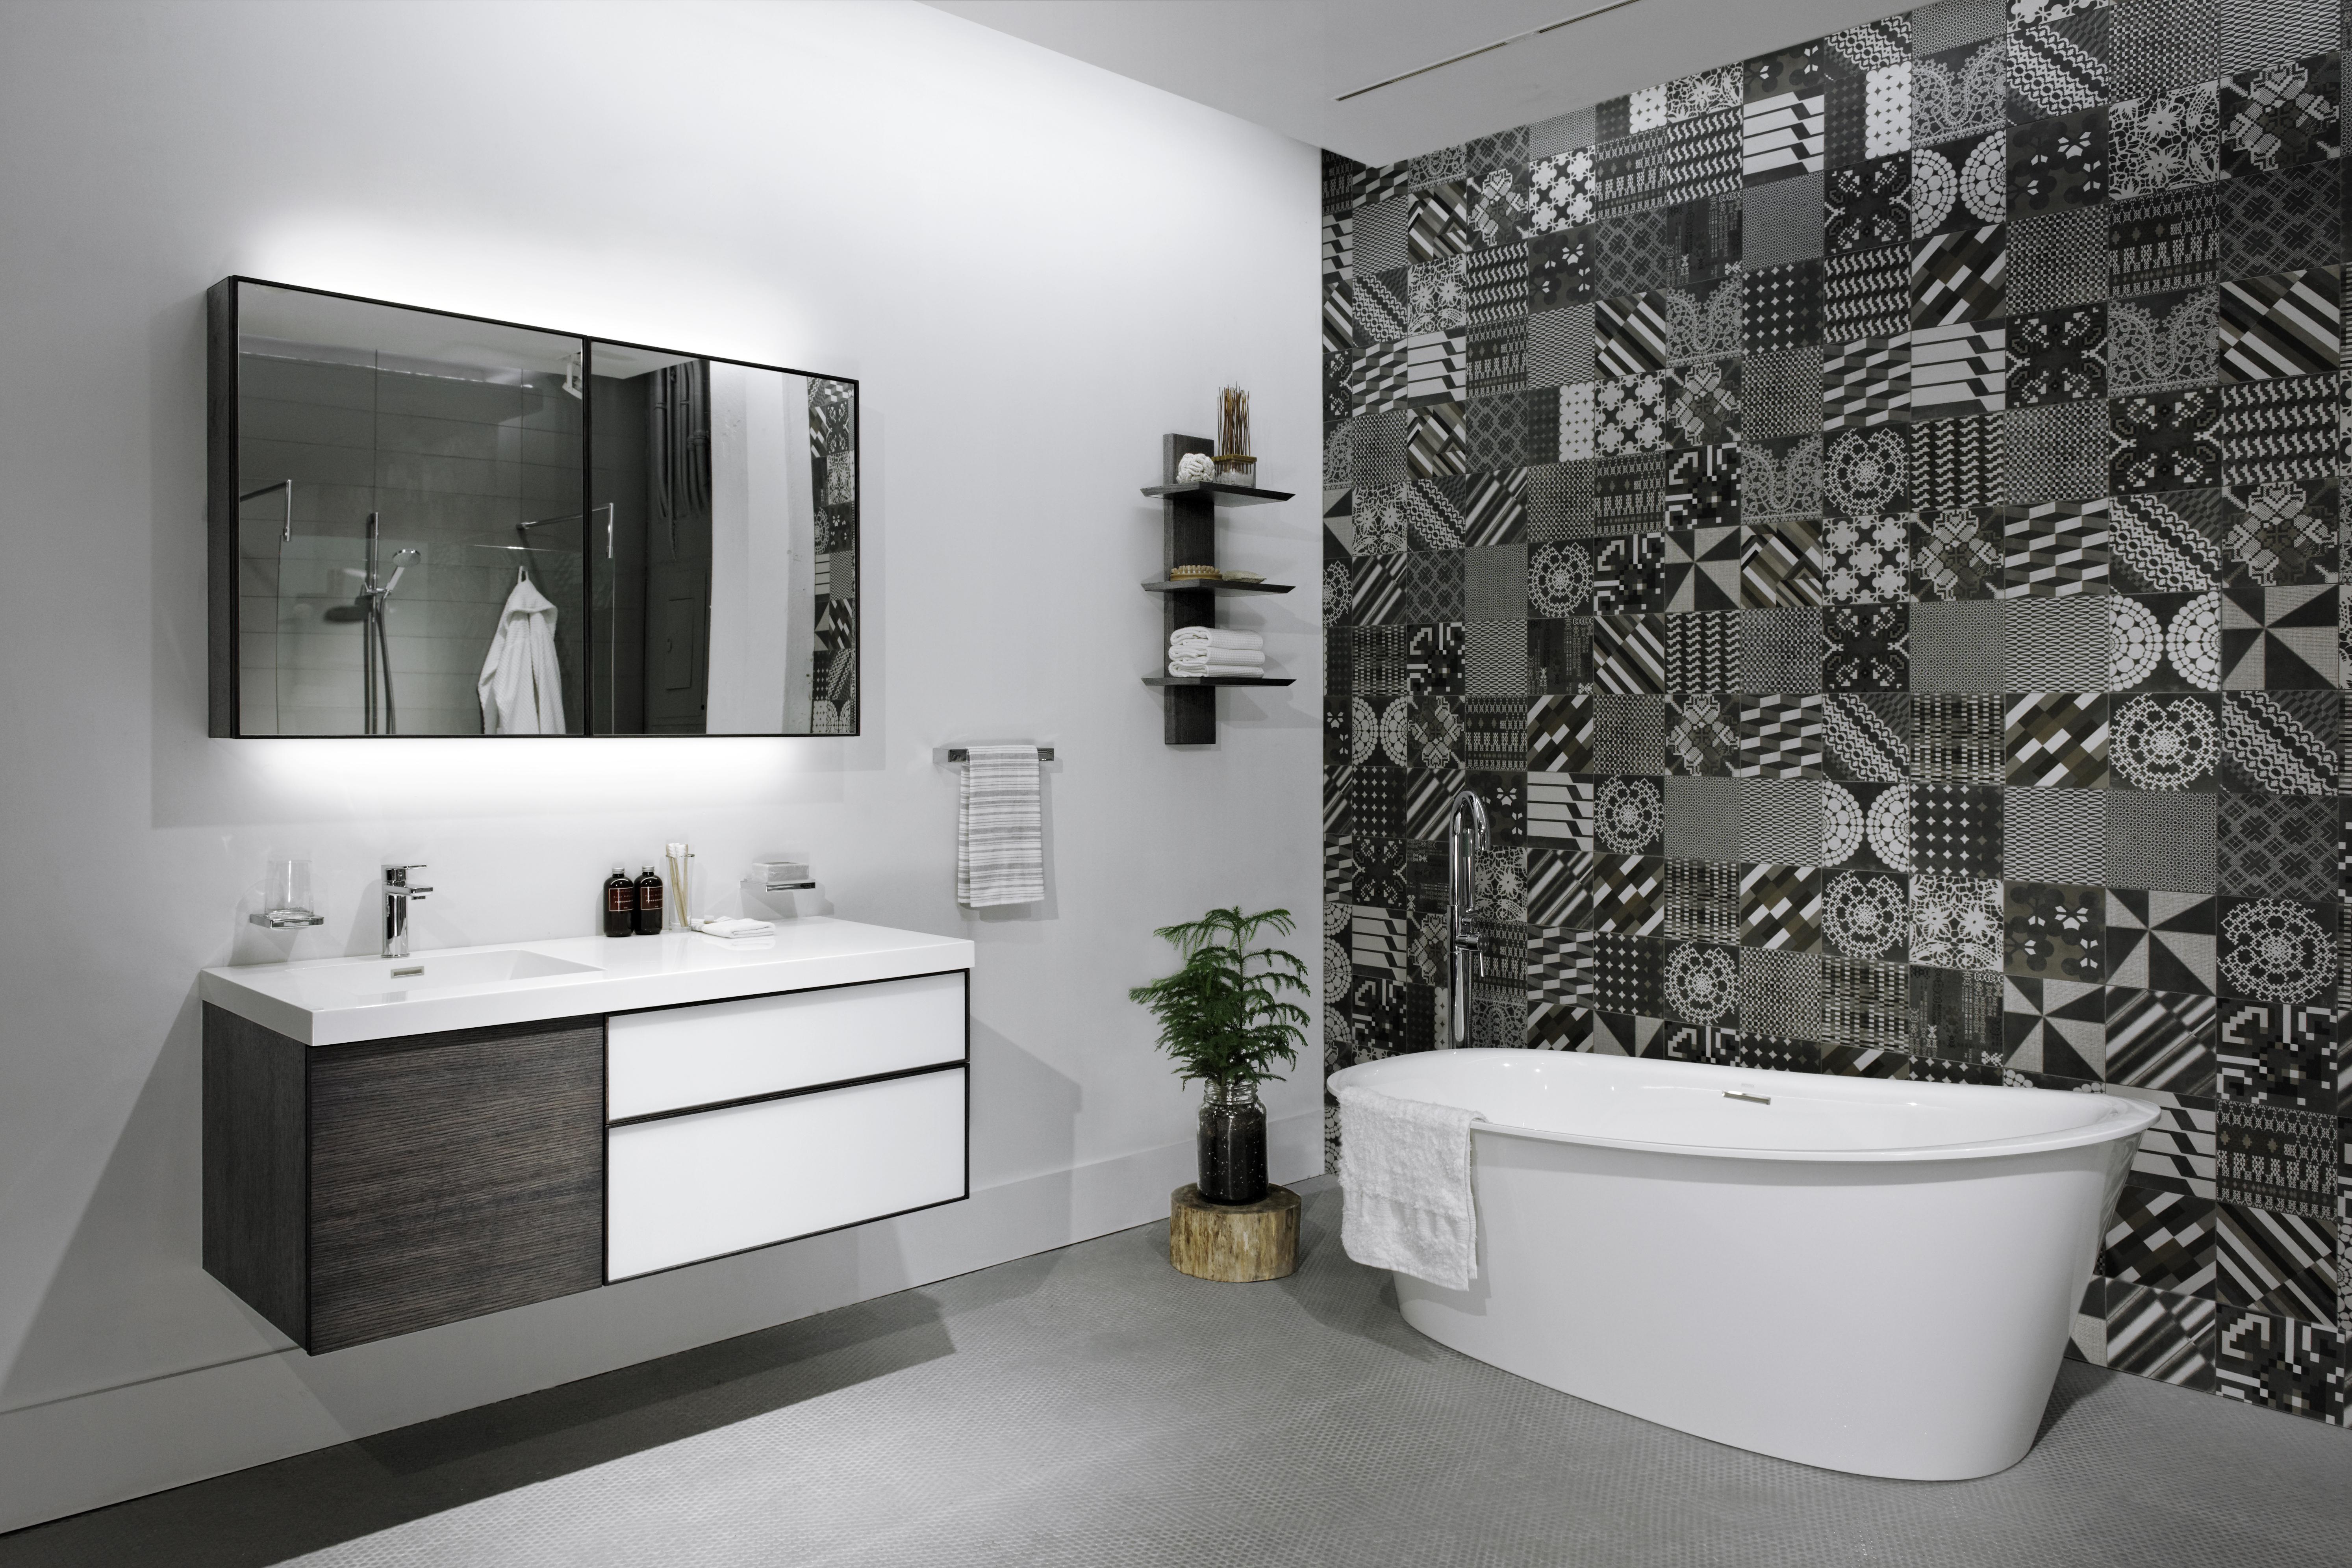 Premium quality Bath Furnishings